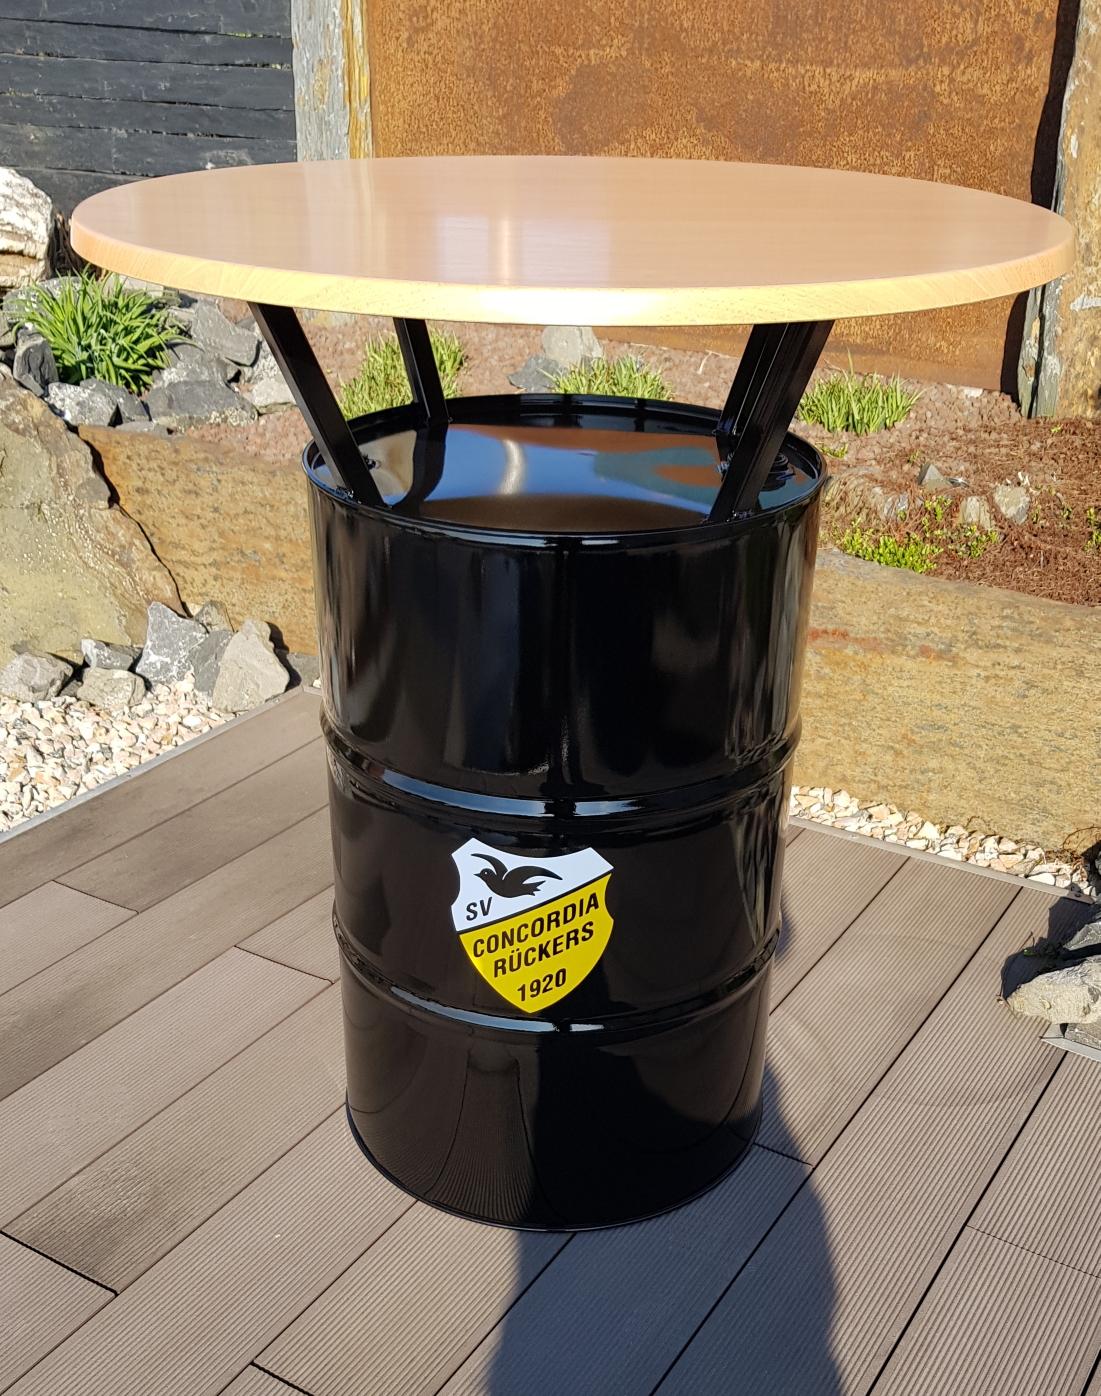 Fass Stehtisch für SV Concordia Rückers in schwarz glänzend und 1m Tischplatte